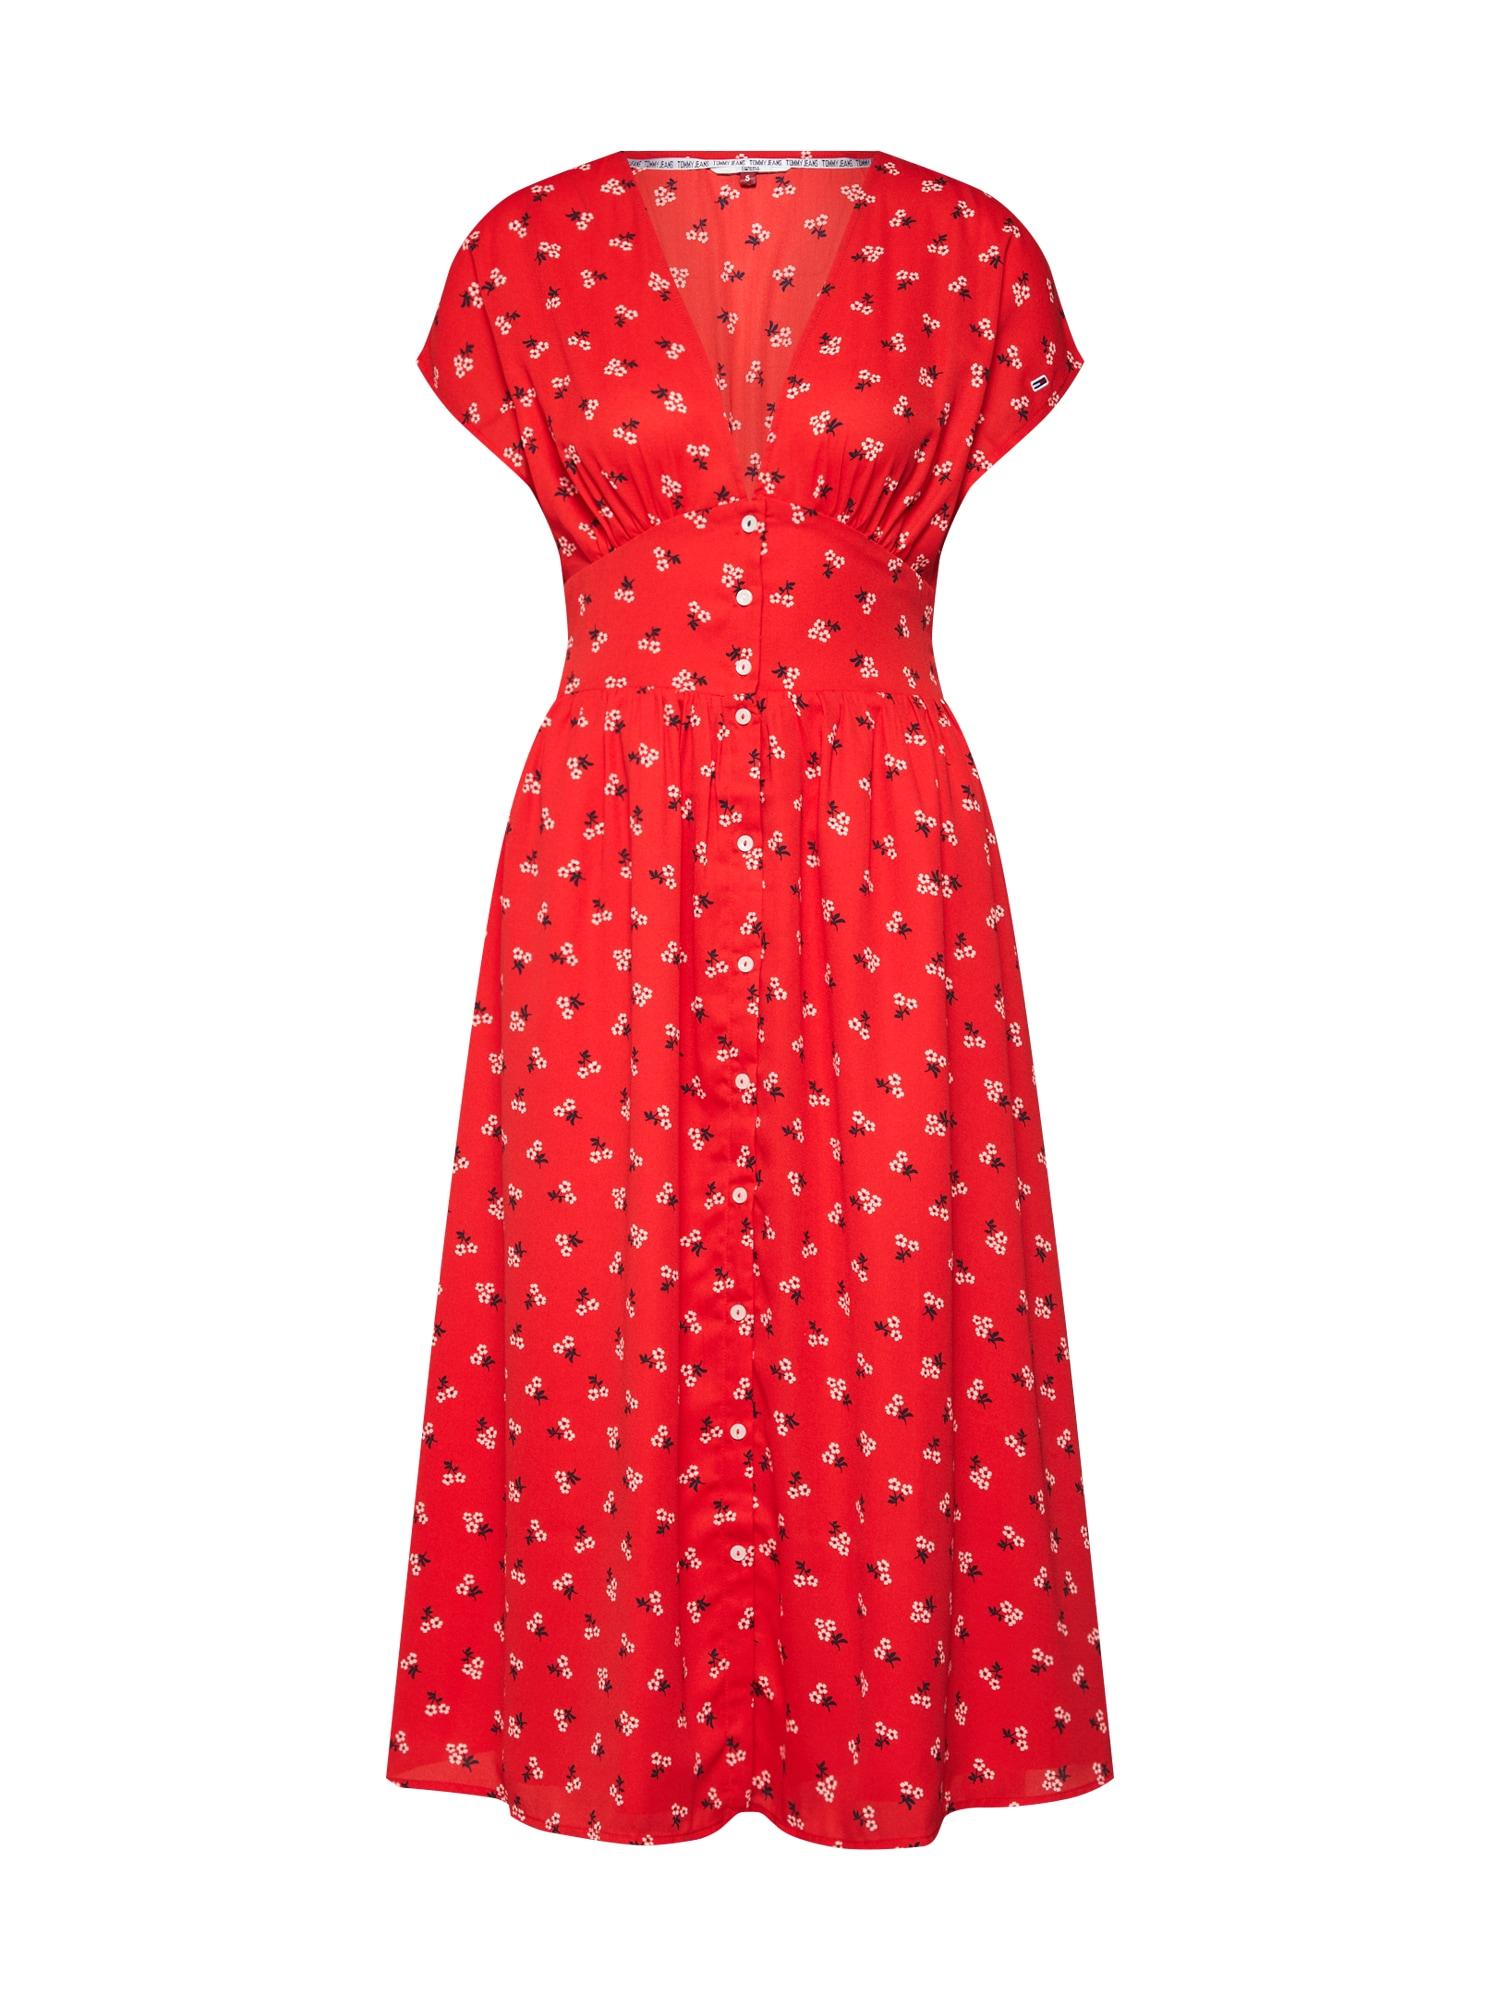 Košilové šaty TJW WAIST DETAIL MIDI DRESS mix barev červená Tommy Jeans